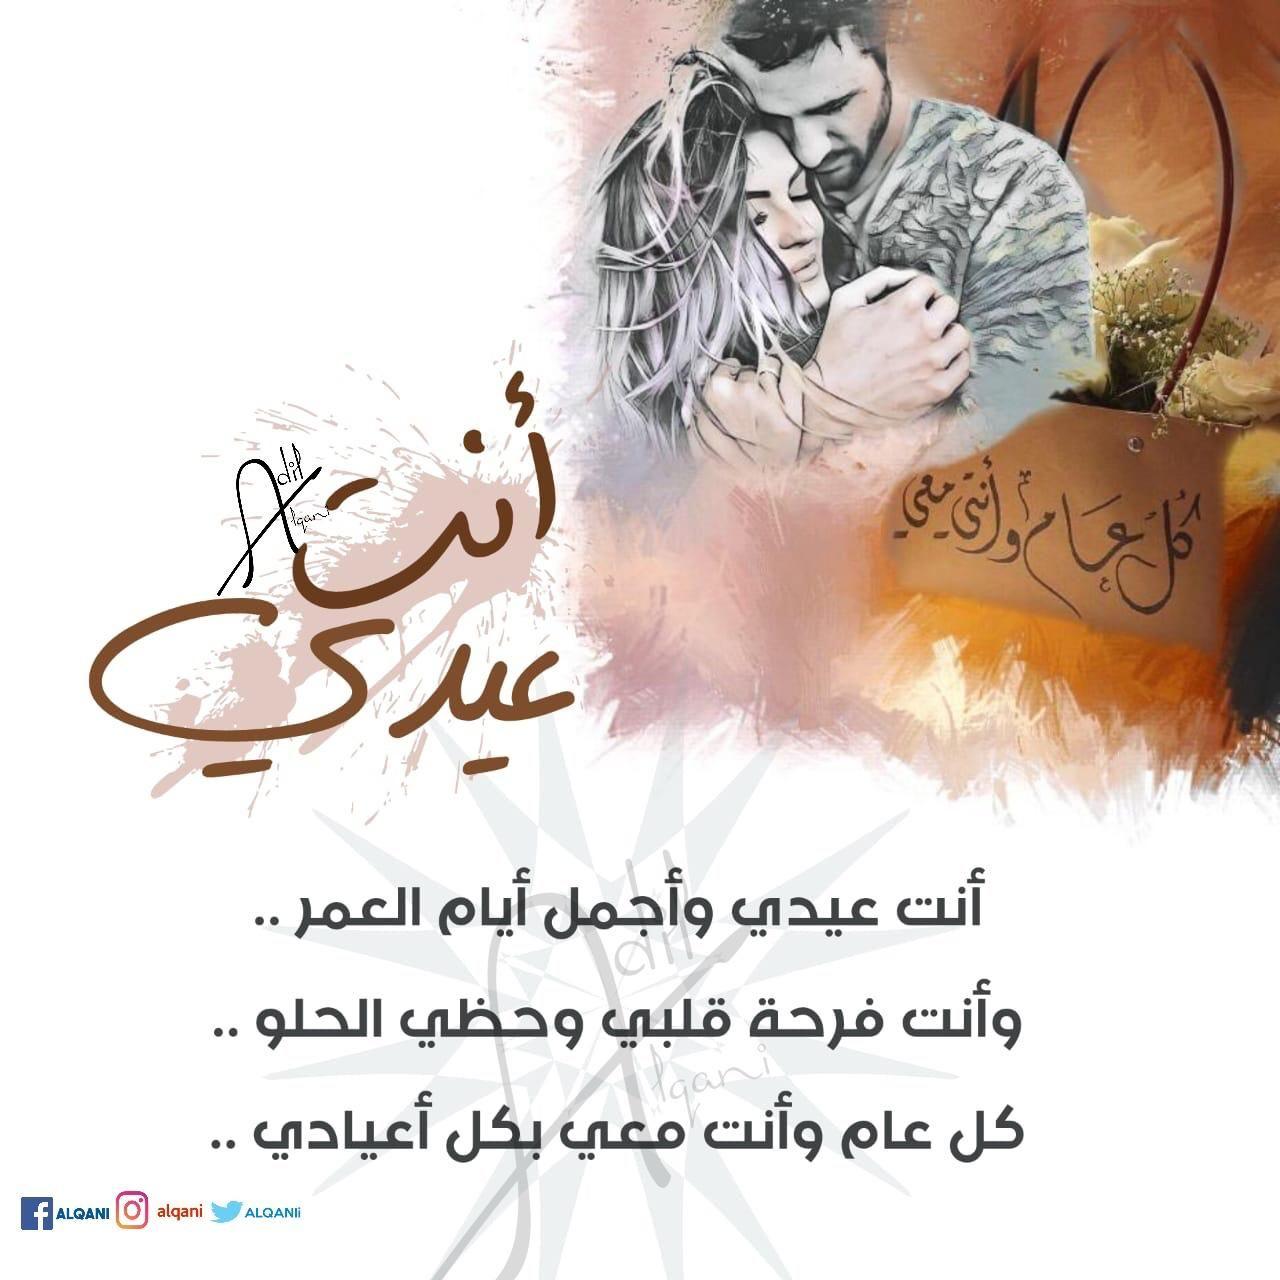 أنت عيدي عيد الفطر 2020 Arabic Love Quotes Sweet Love Quotes Love Quotes